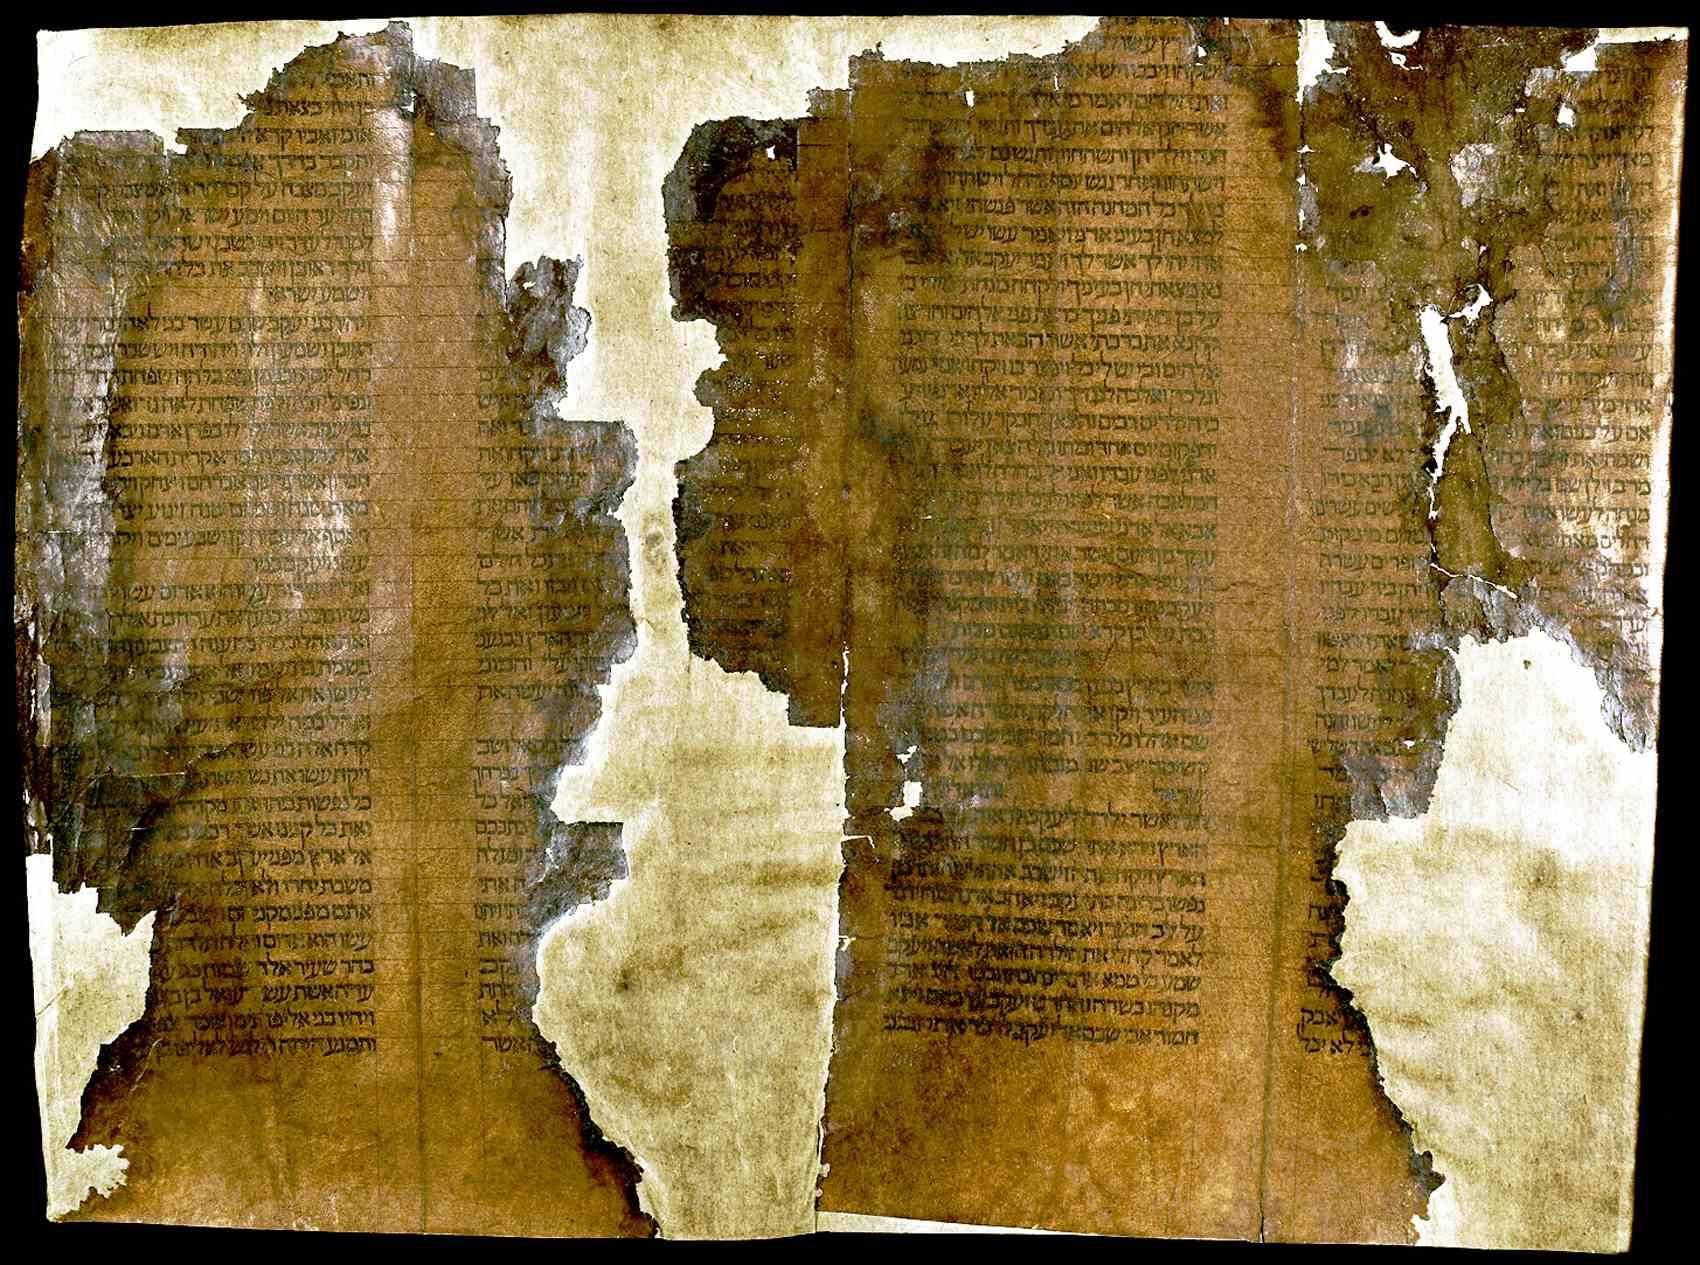 סיפור של עבר-הווה-עתיד בתוך גווילים עתיקים.